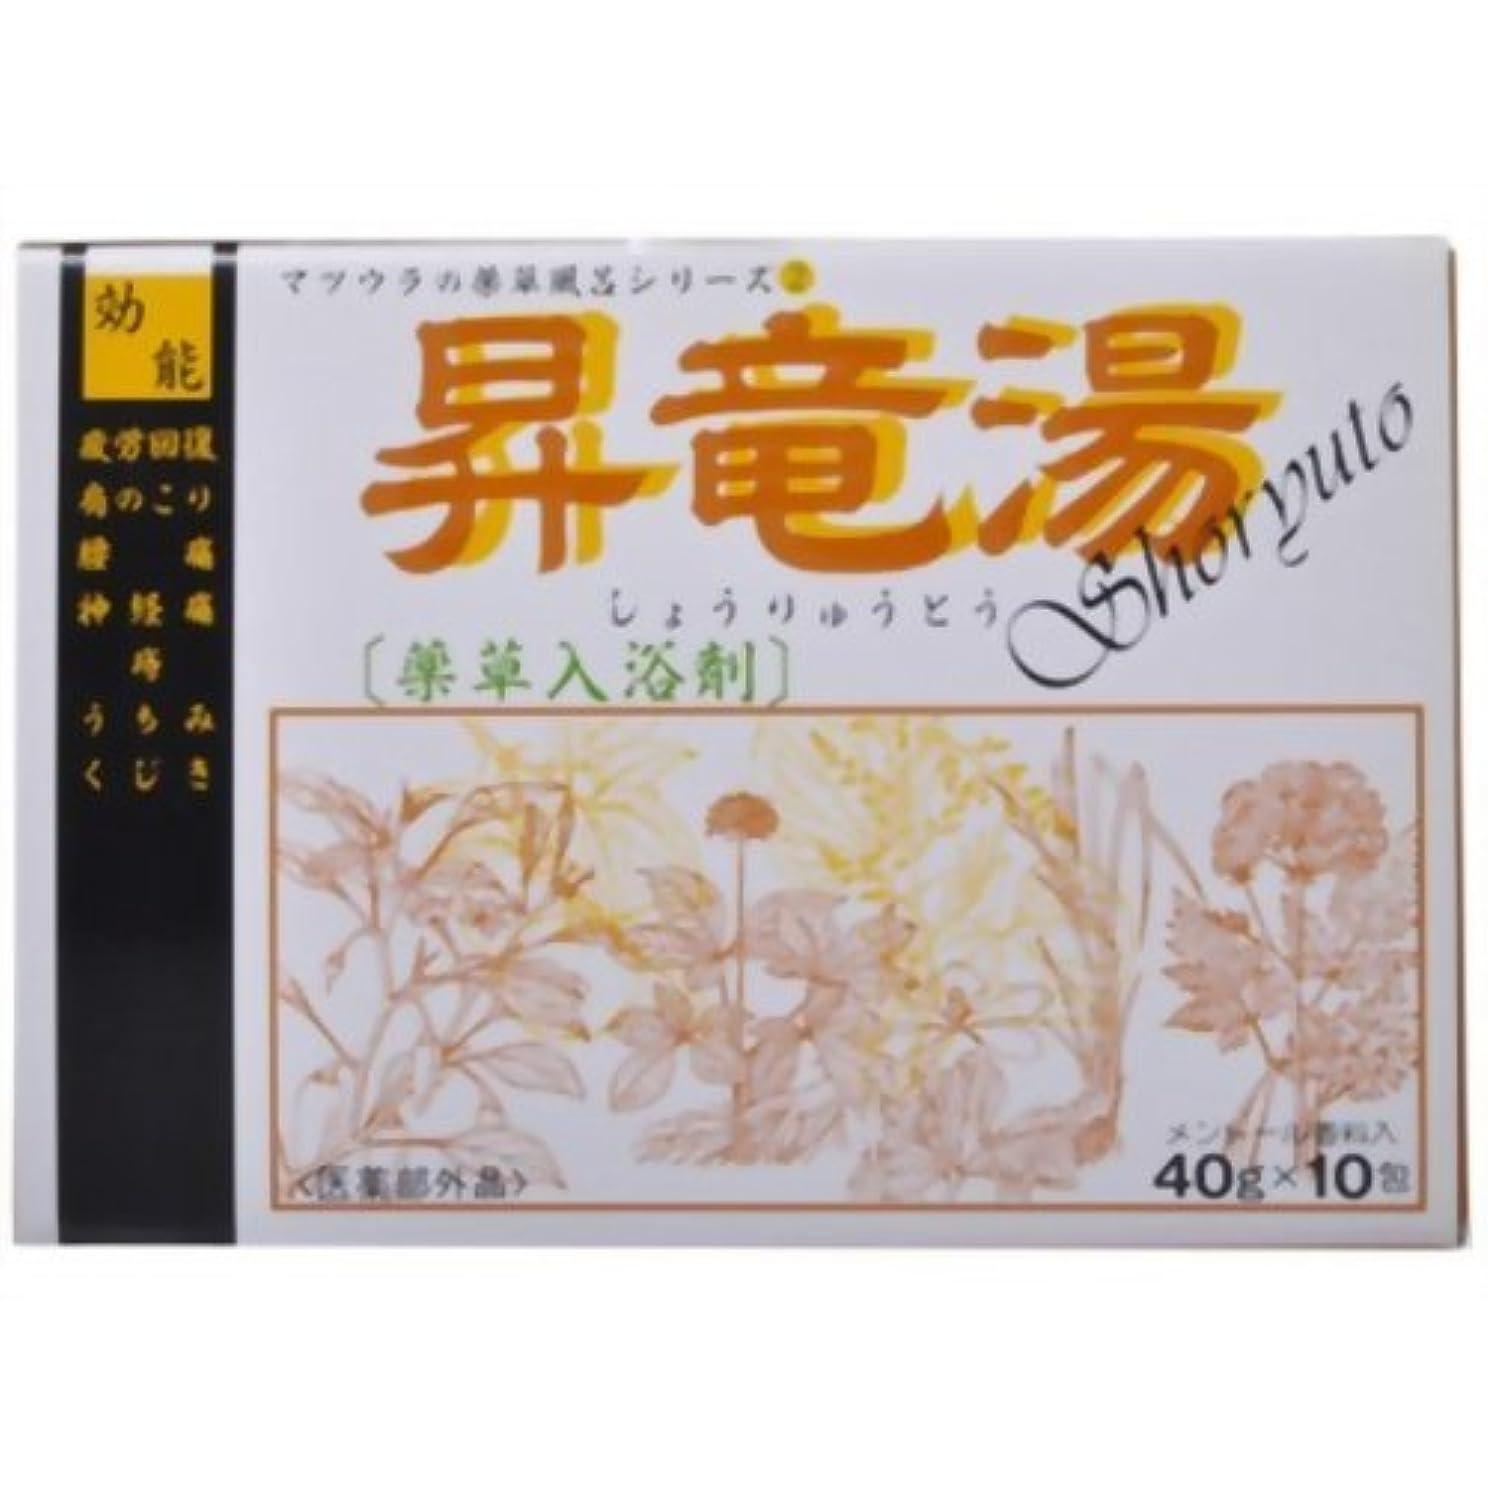 応じるドームモディッシュ昇竜湯 40g×10包(入浴剤)